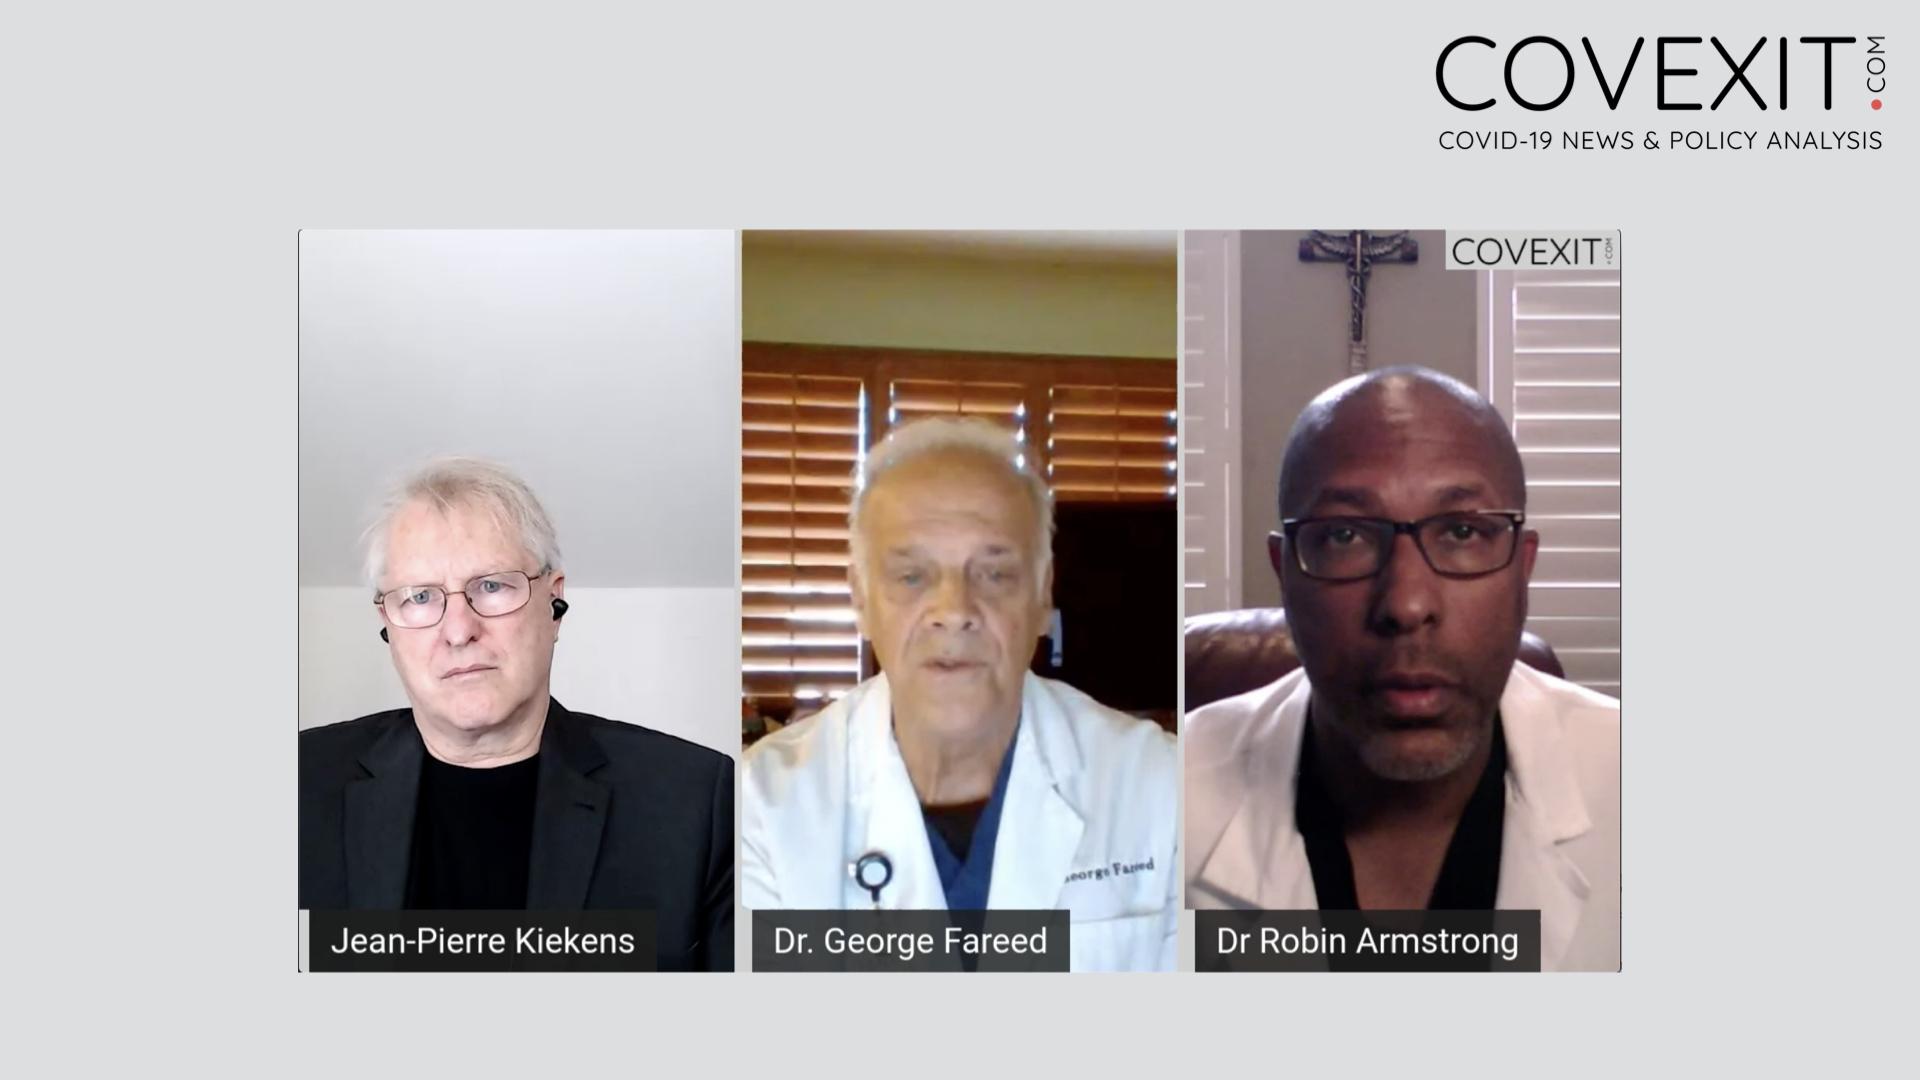 Prophylaxie et traitement précoce dans les résidences pour aînés - un webinaire avec le Dr Robin Armstrong et le Dr George Fareed